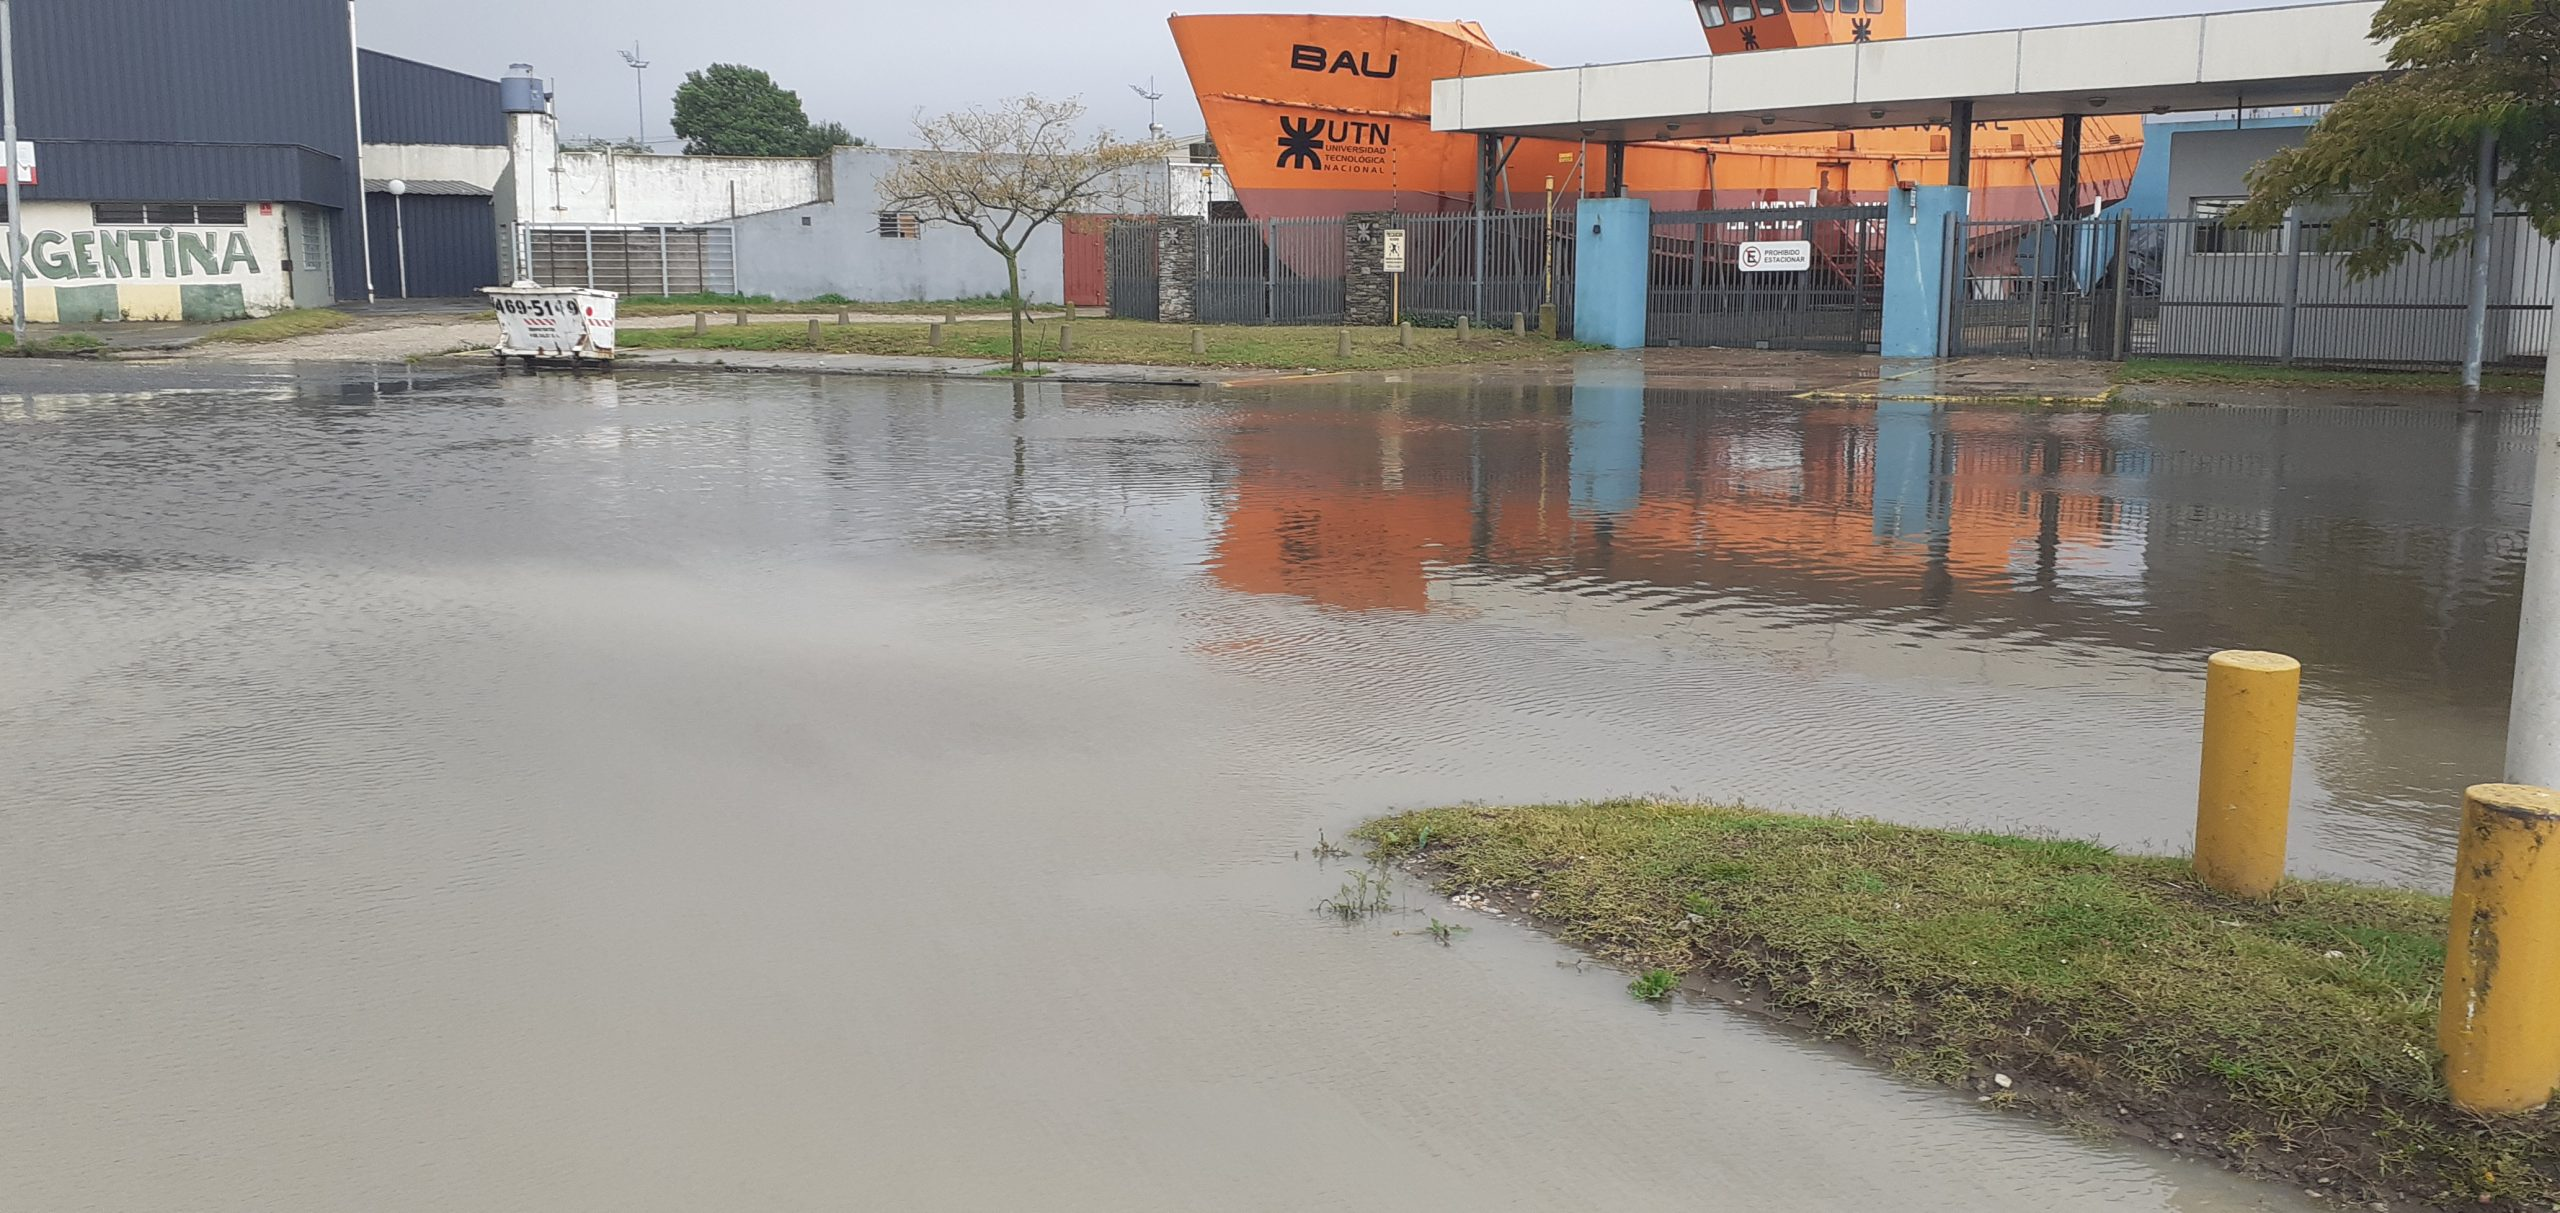 Continúa el mal tiempo en la Costa Atlántica tras el temporal que dejó heridos leves y anegamientos